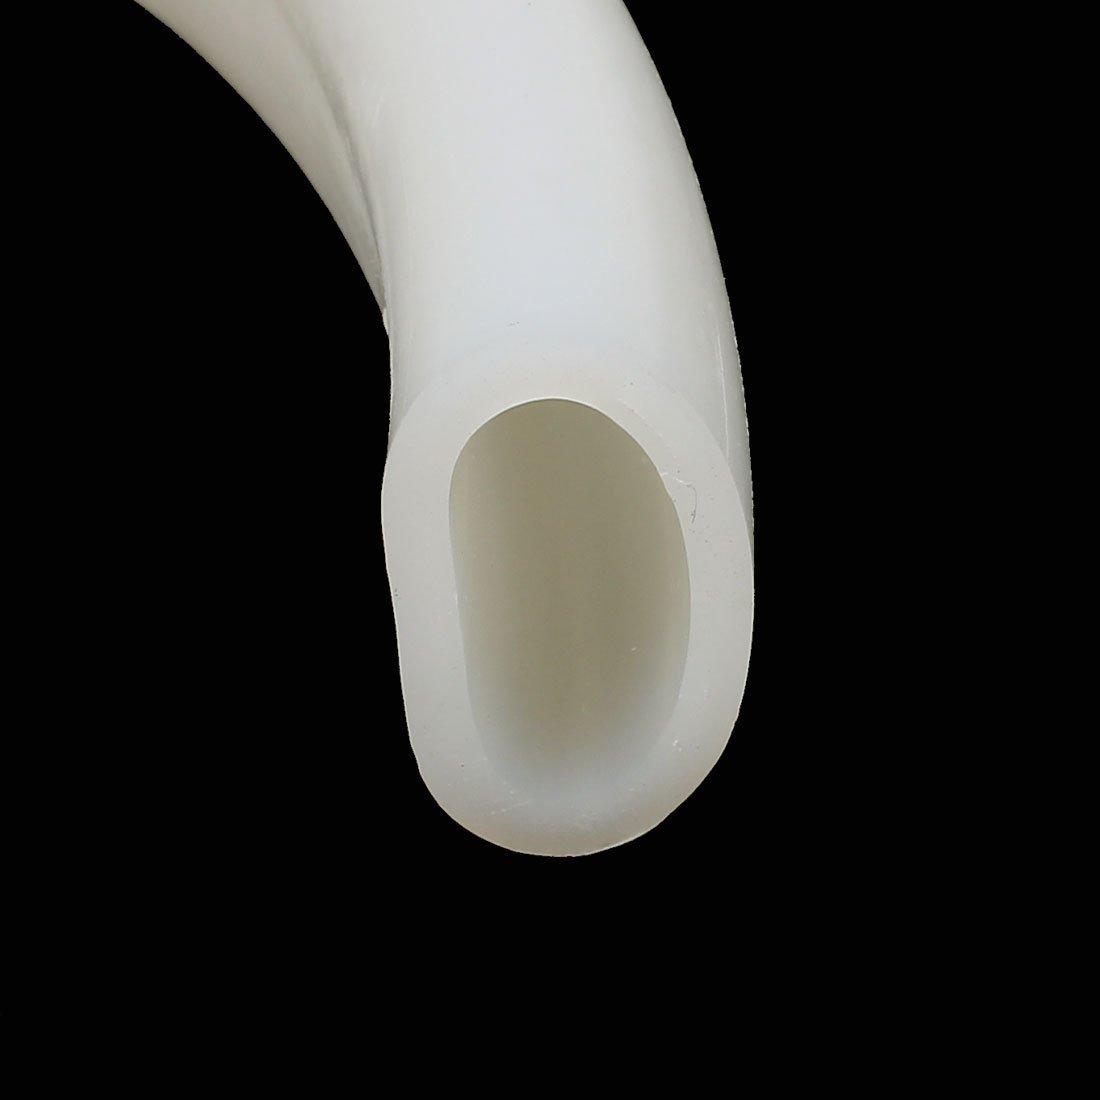 DealMux 19 milímetros x 25 milímetros Food Grade Beige silicone Tubo de bomba de água da mangueira de ar da tubulação 1M: Amazon.com: Industrial & ...